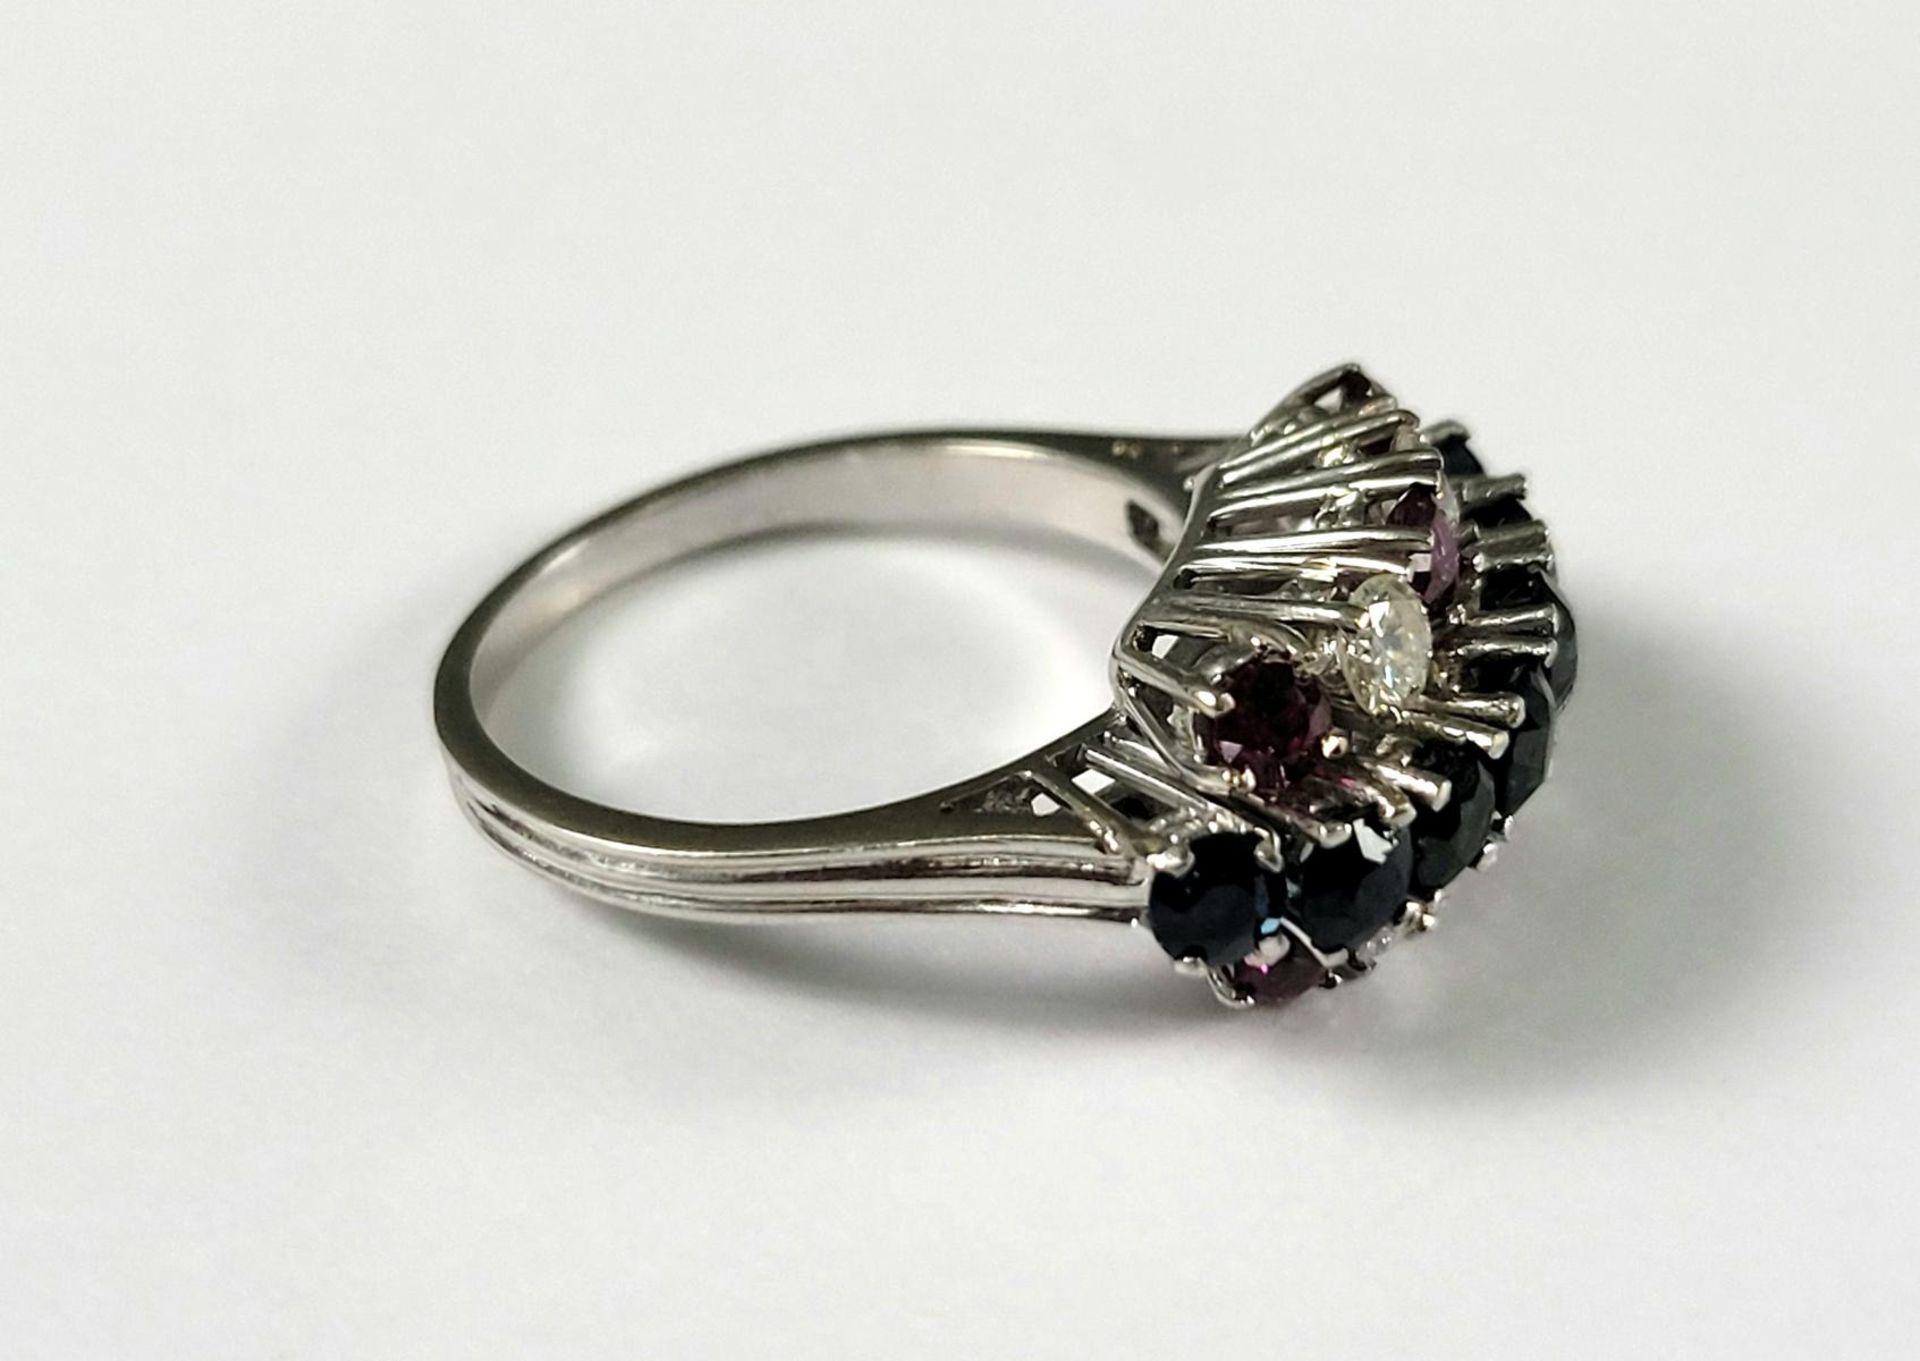 Damenring mit Saphiren, Diamanten und Rubinen, 18 Karat Weißgold - Bild 2 aus 4